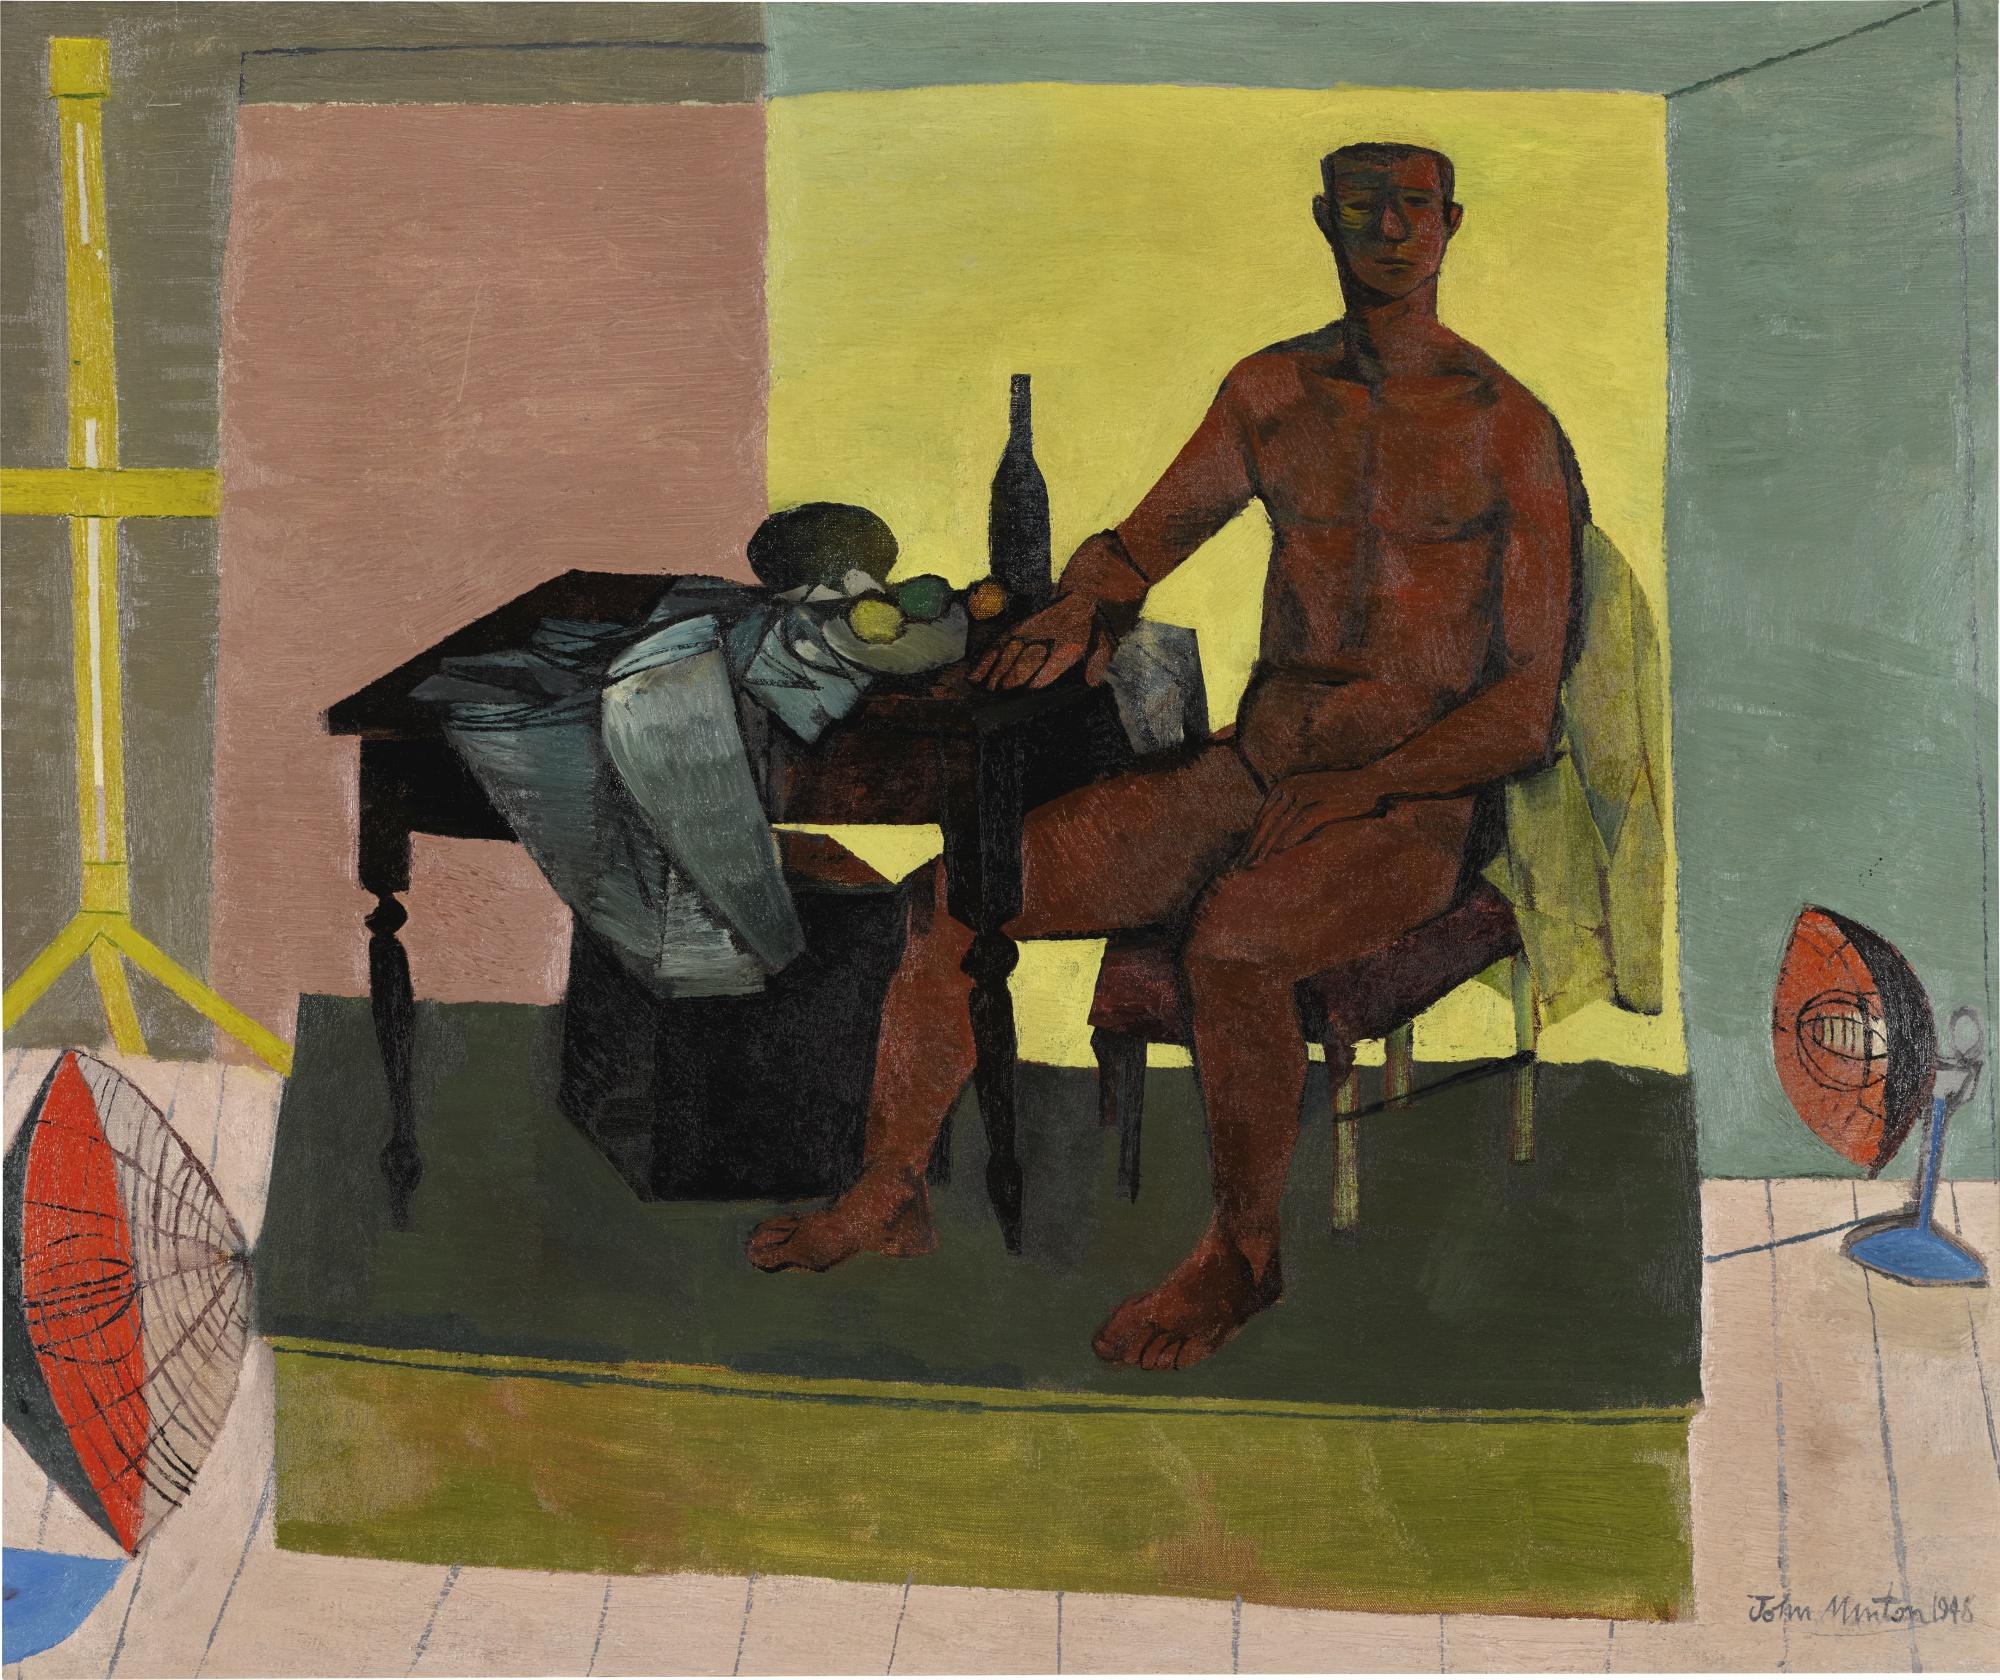 John Minton-The Life Model-1948